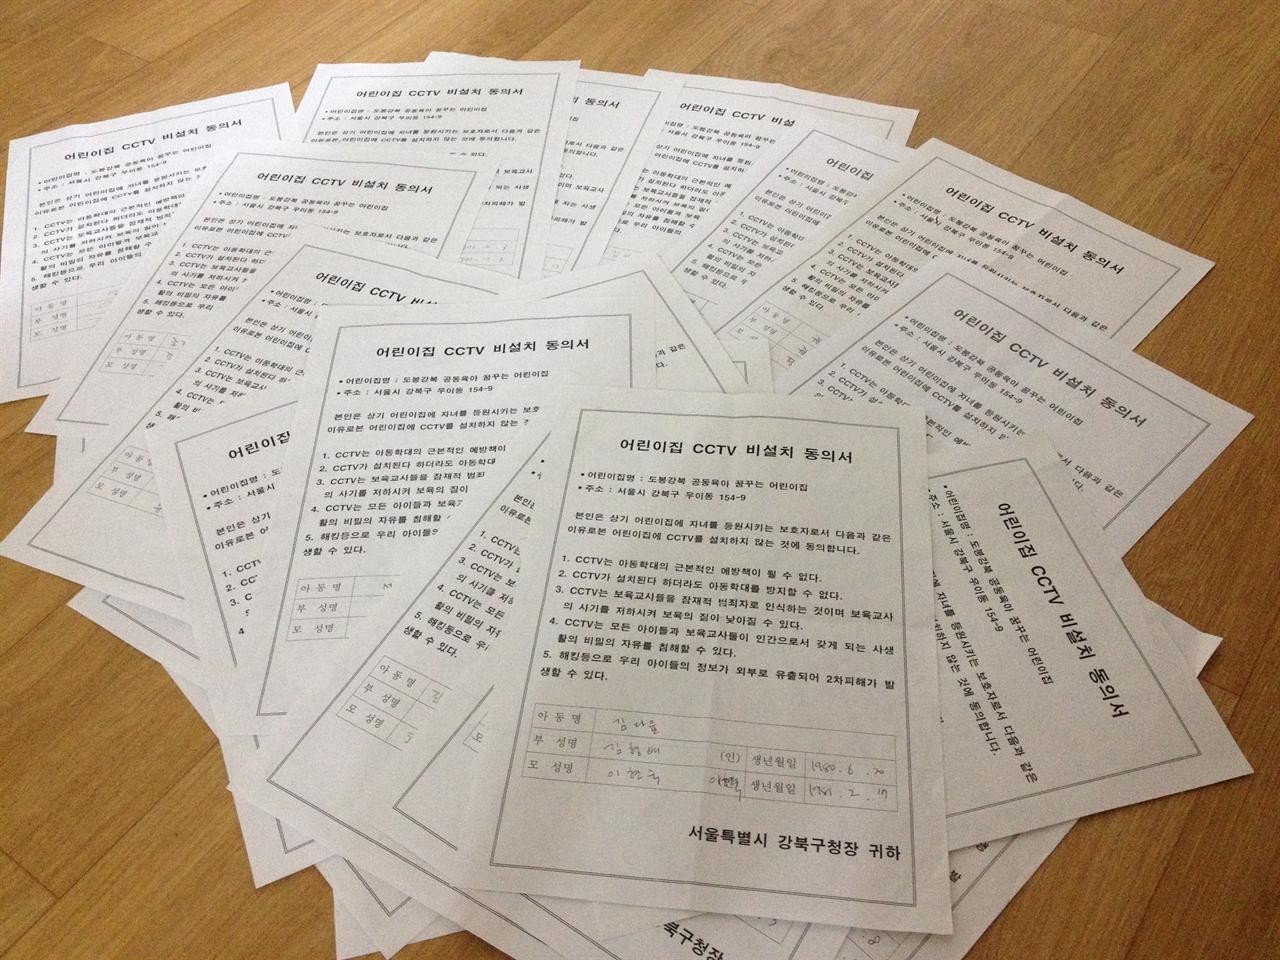 꿈꾸는 어린이집 26가구 52명의 학부모 전원이 어린이집 CCTV 설치에 반대하는 동의서를 작성하였다.